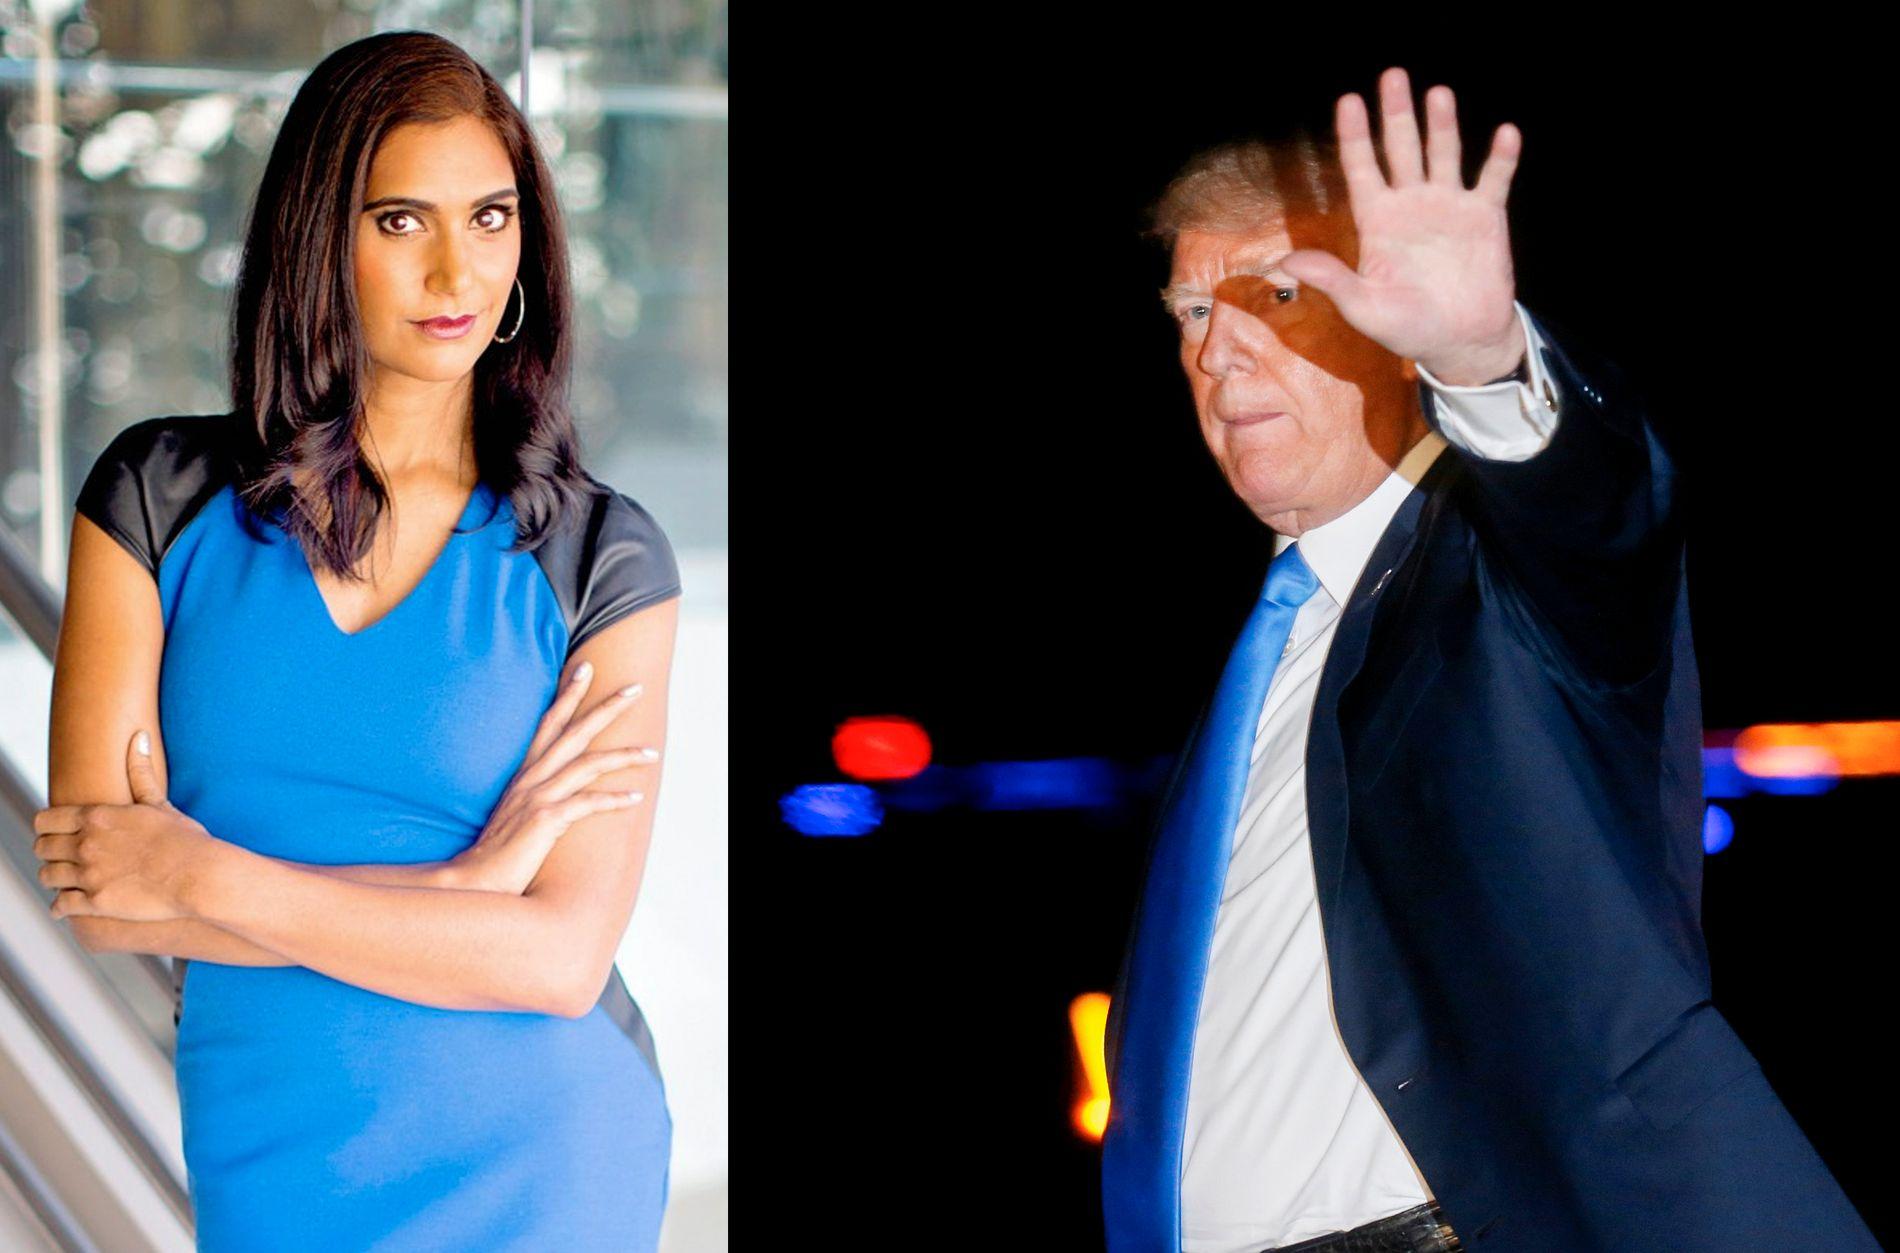 TOTAL GALSKAP: Hans egne etterretningsbyråer har slått fast, også overfor Trump, at Putin beordret et cyberangrep på oss, sier tidligere FBI-spesialagent Asha Rangappa om Trumps Putin-møte i sommer.